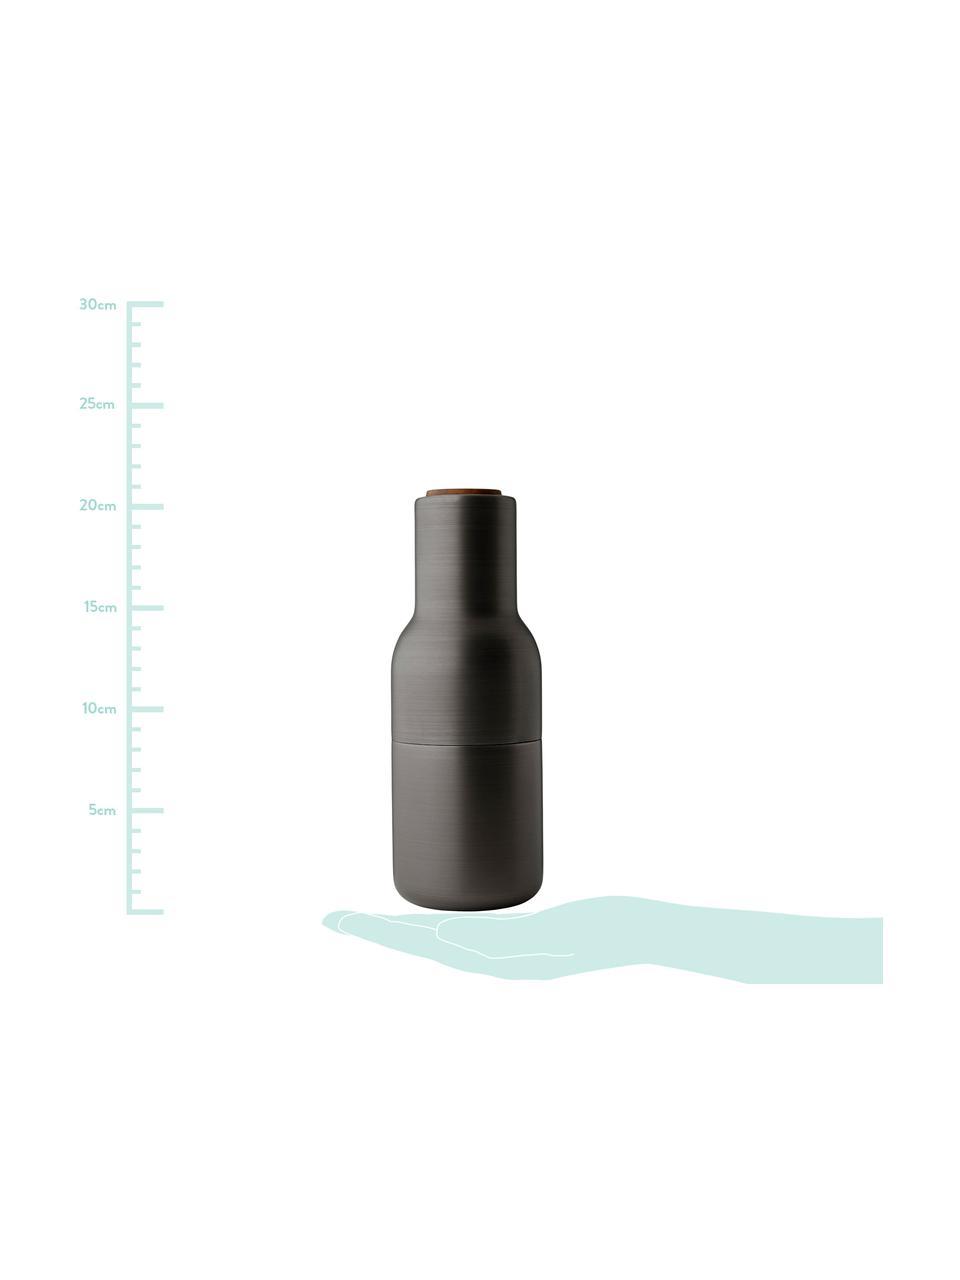 Designer Salz- & Pfeffermühle Bottle Grinder in Anthrazit mit Walnussholzdeckel, Korpus: Stahl, vermessingt und ge, Mahlwerk: Keramik, Deckel: Walnussbaumholz, Anthrazit, Ø 8 x H 21 cm